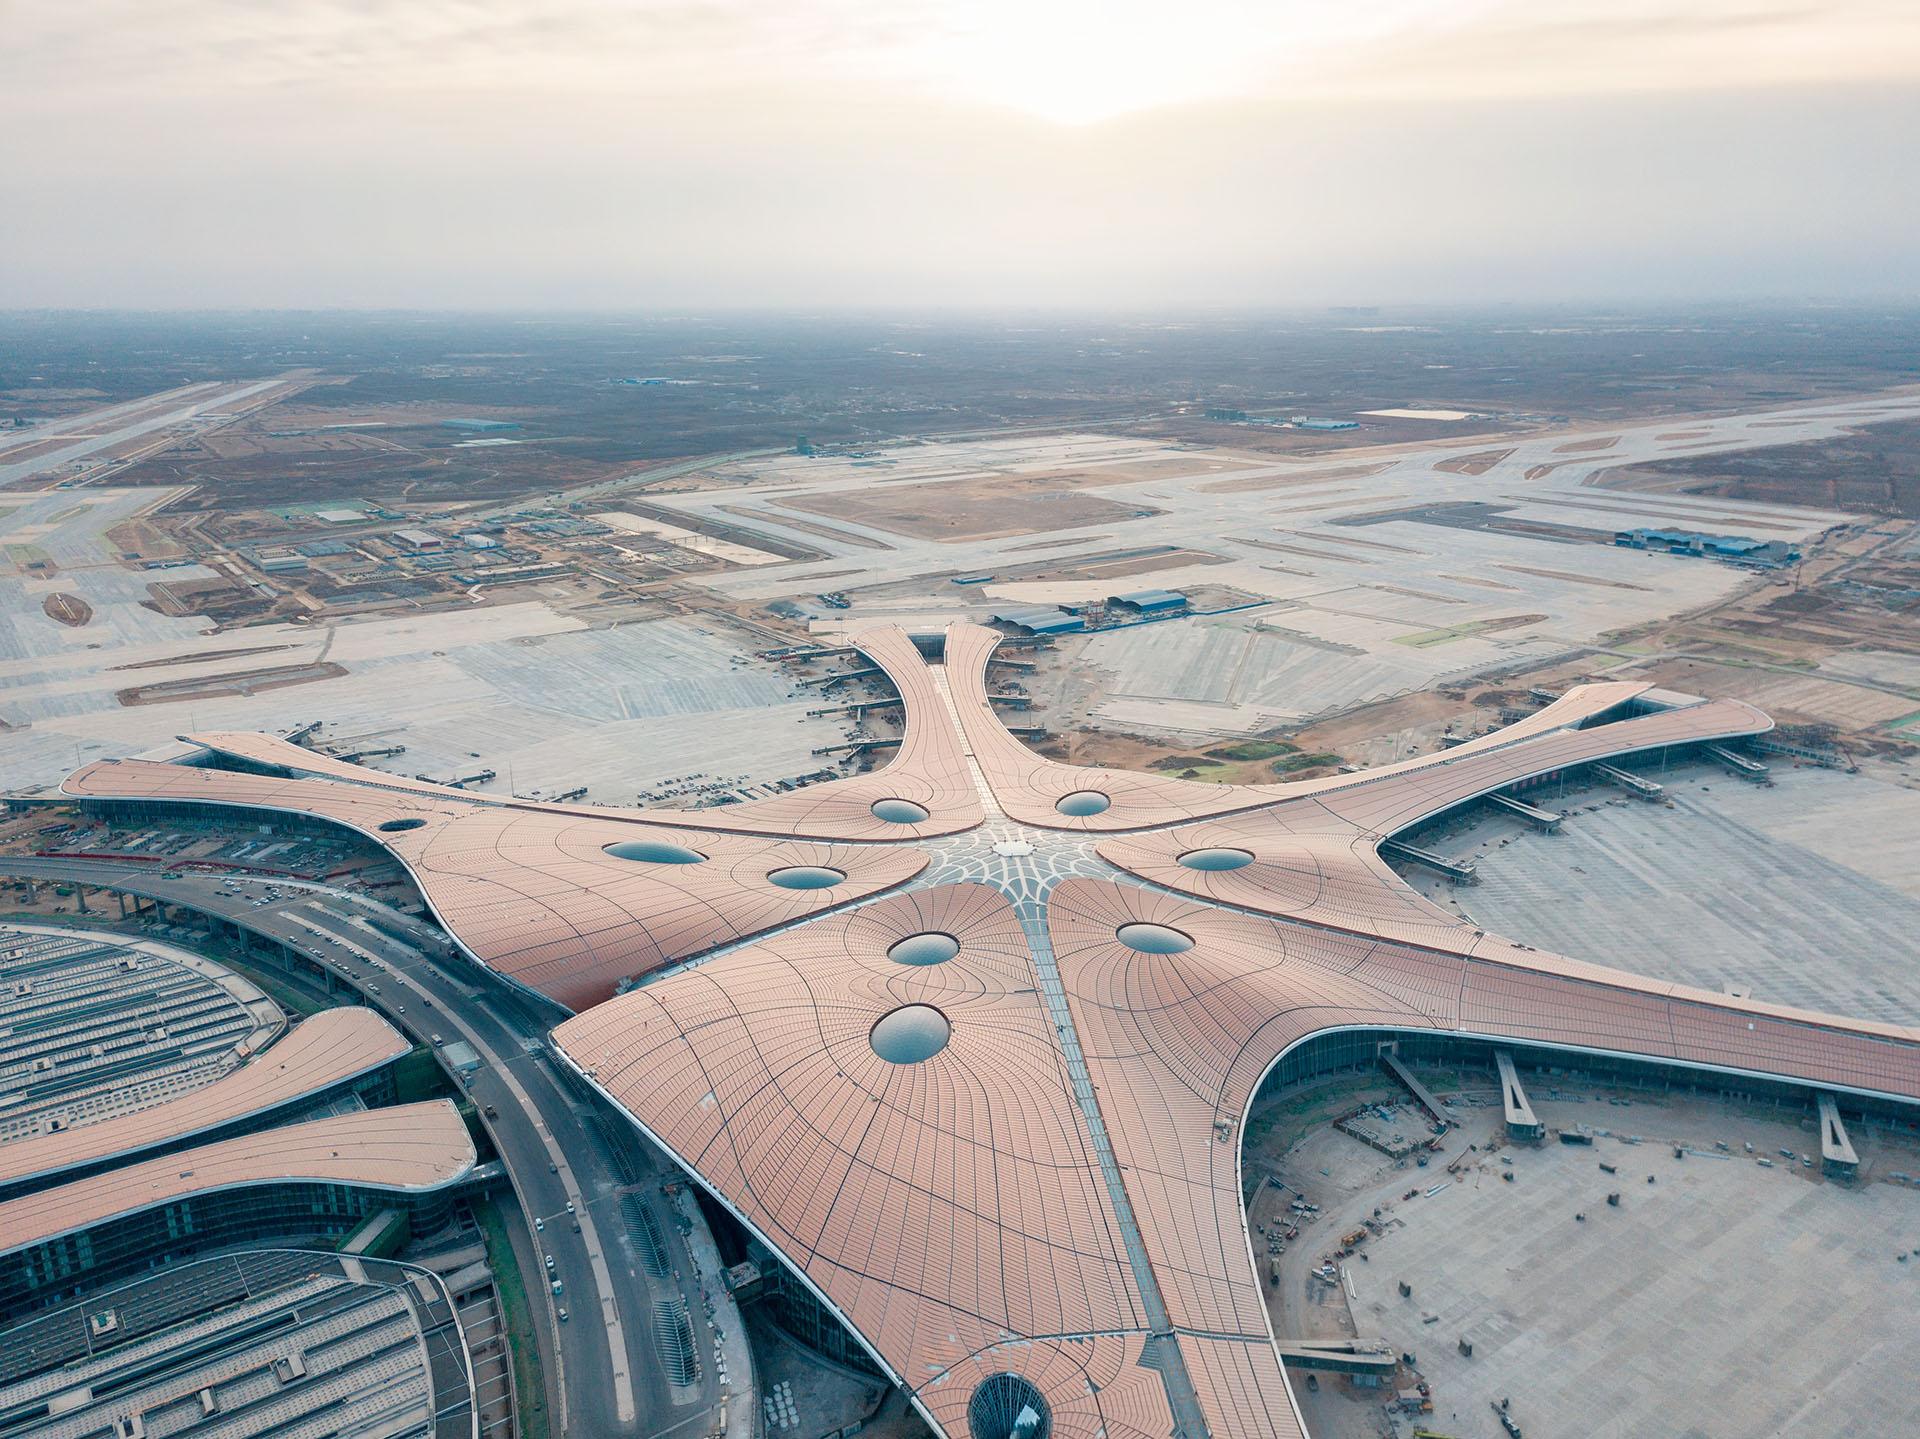 """Se espera que el Aeropuerto Internacional de Beijing Daxing de China se abra en septiembre de 2019. Algunos lo llaman """"The Starfish"""" debido a su forma distintiva"""